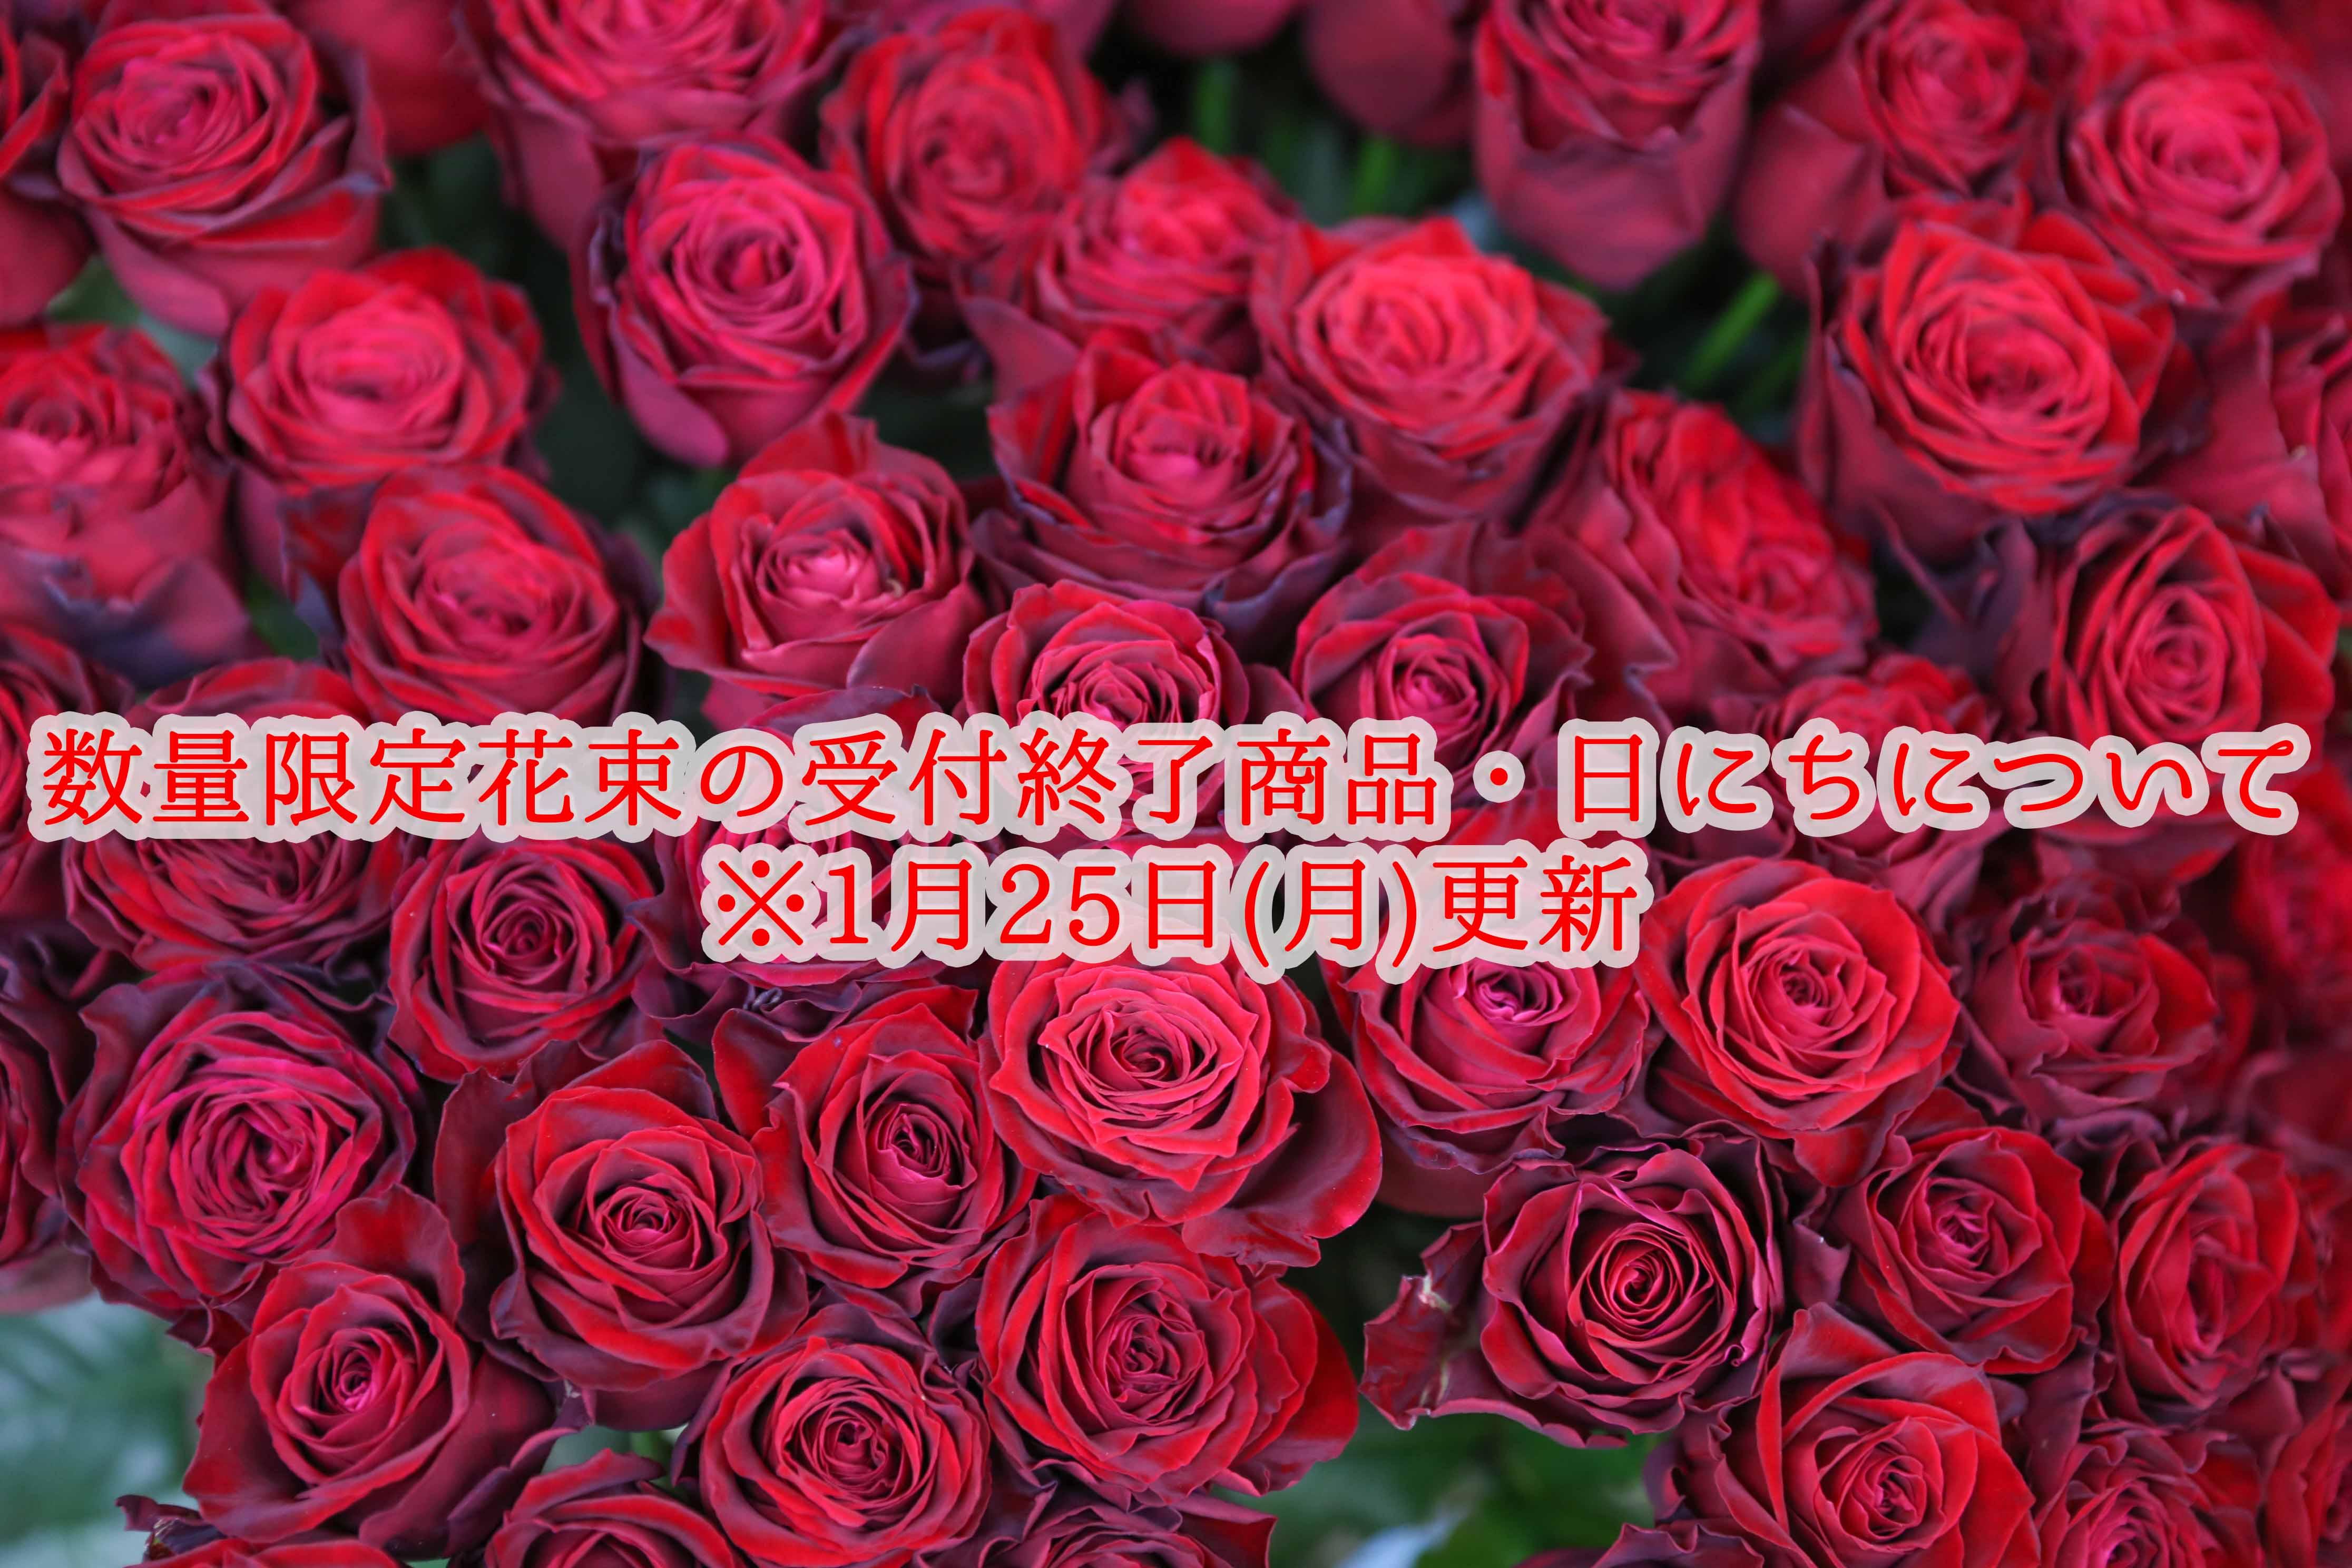 1月25日(月)更新・数量限定花束の受注終了商品と日にちのお知らせ